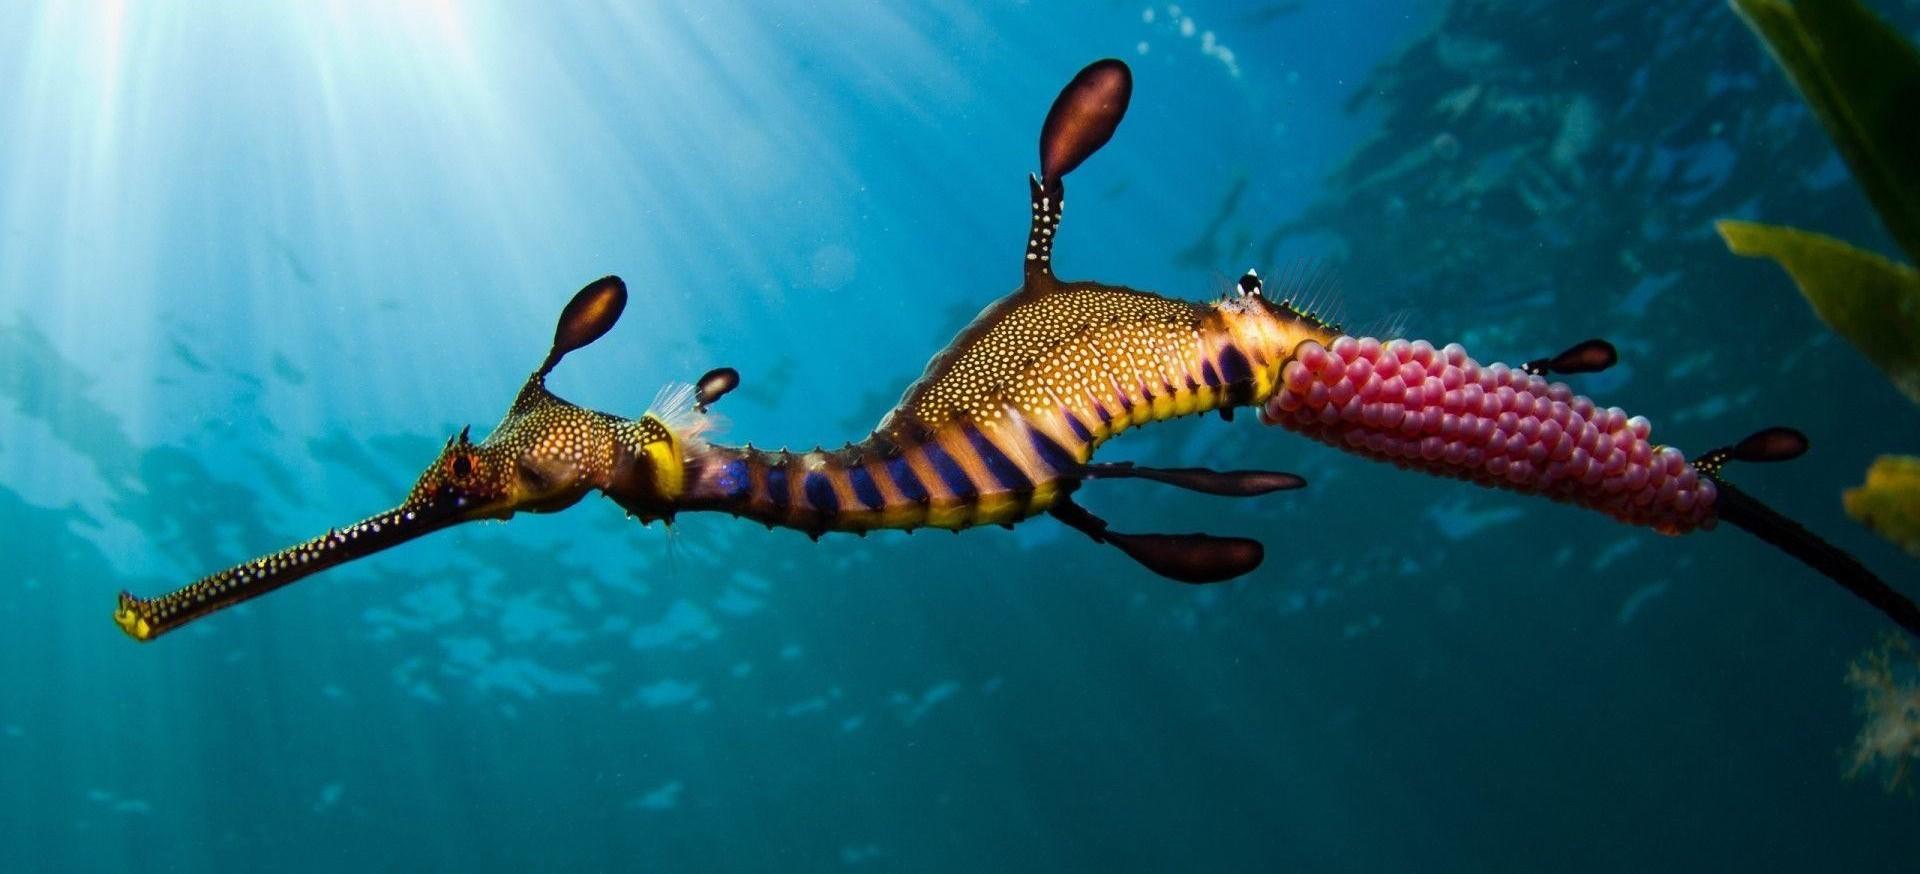 Трудности отцовства морских коньков: генетические метаморфозы иммунной системы - 1